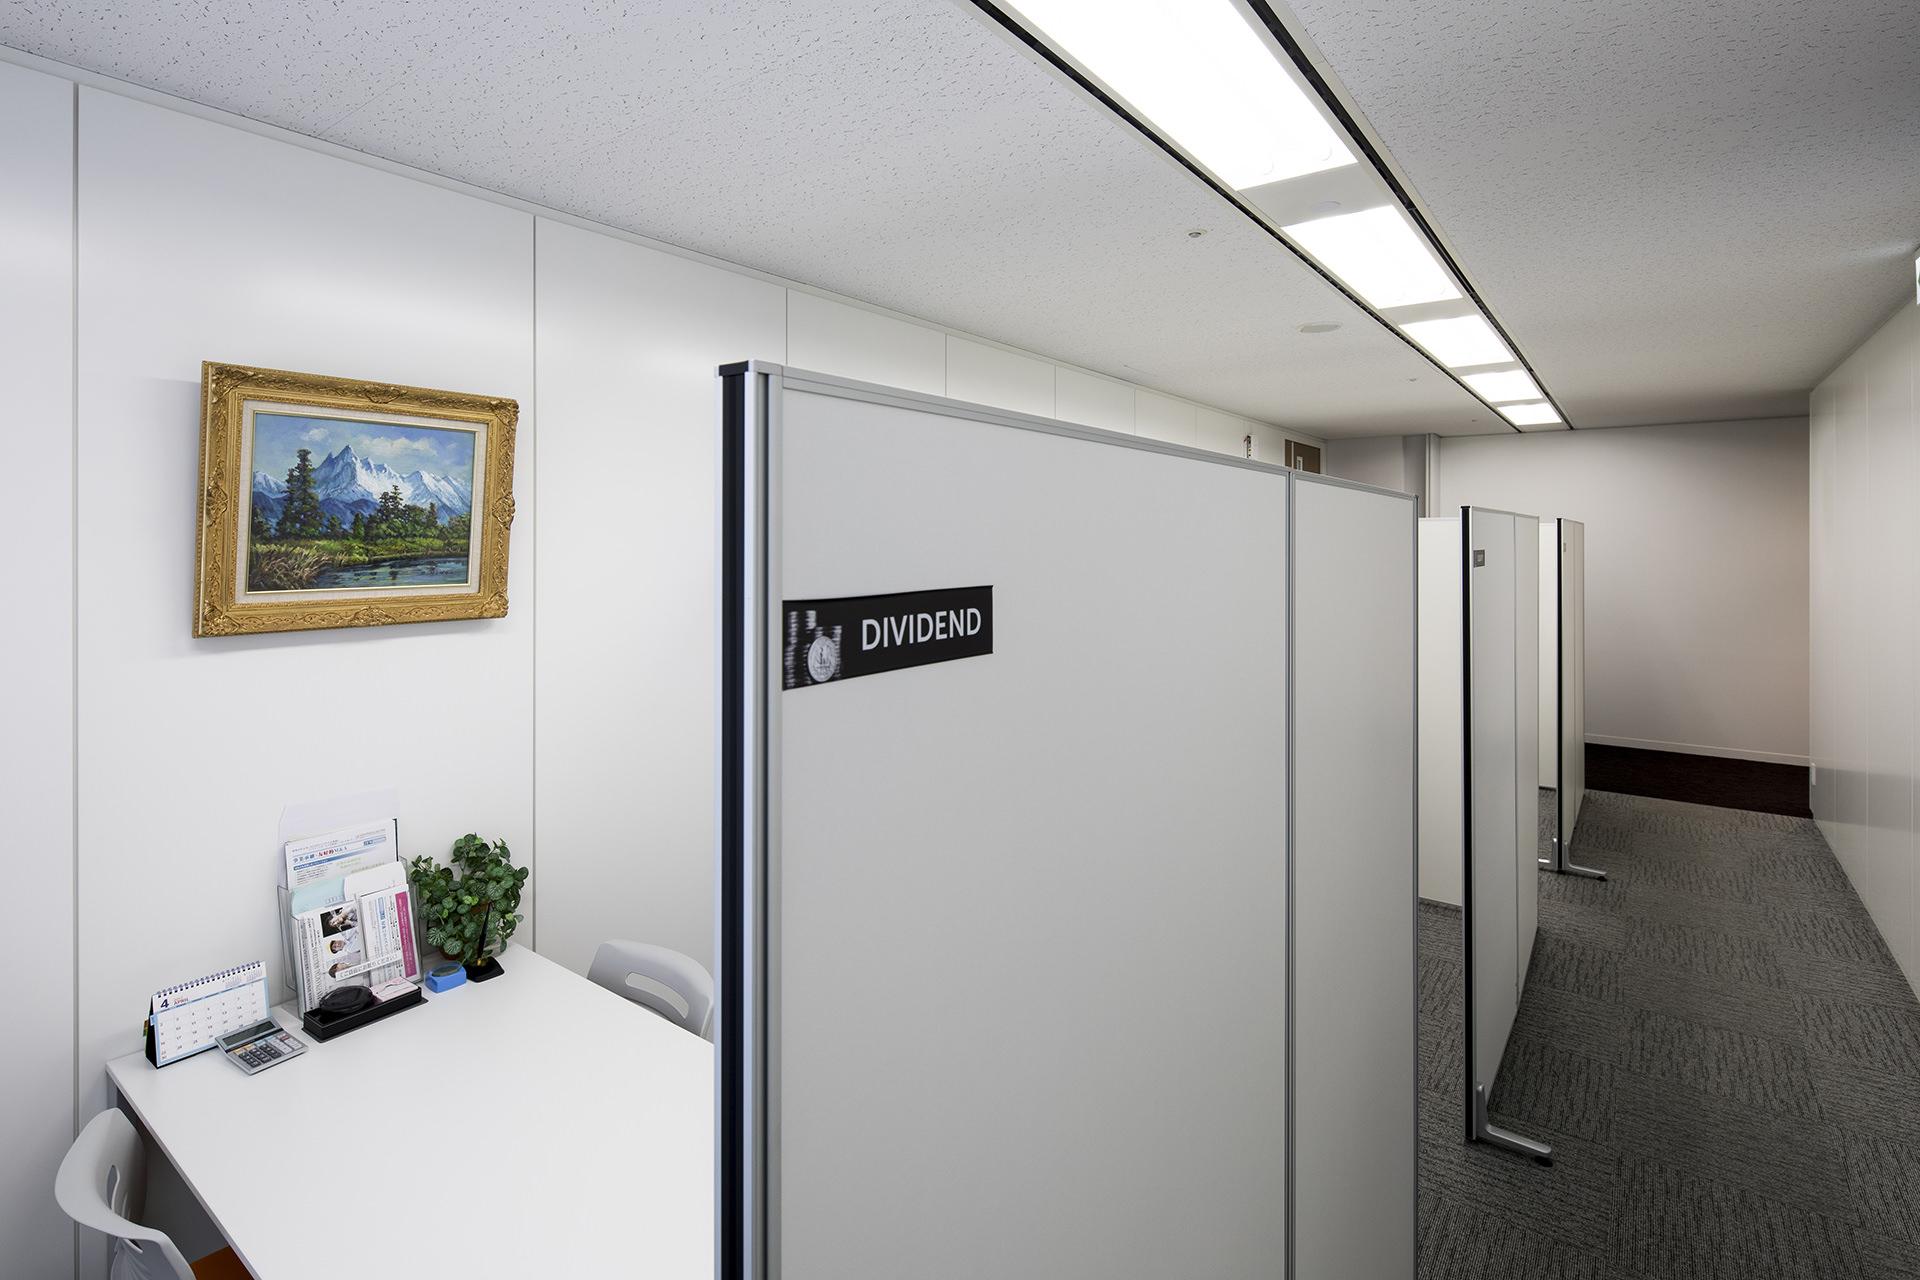 兼松ビルディング 撮影イメージ22 撮影:東涌写真事務所・東涌宏和